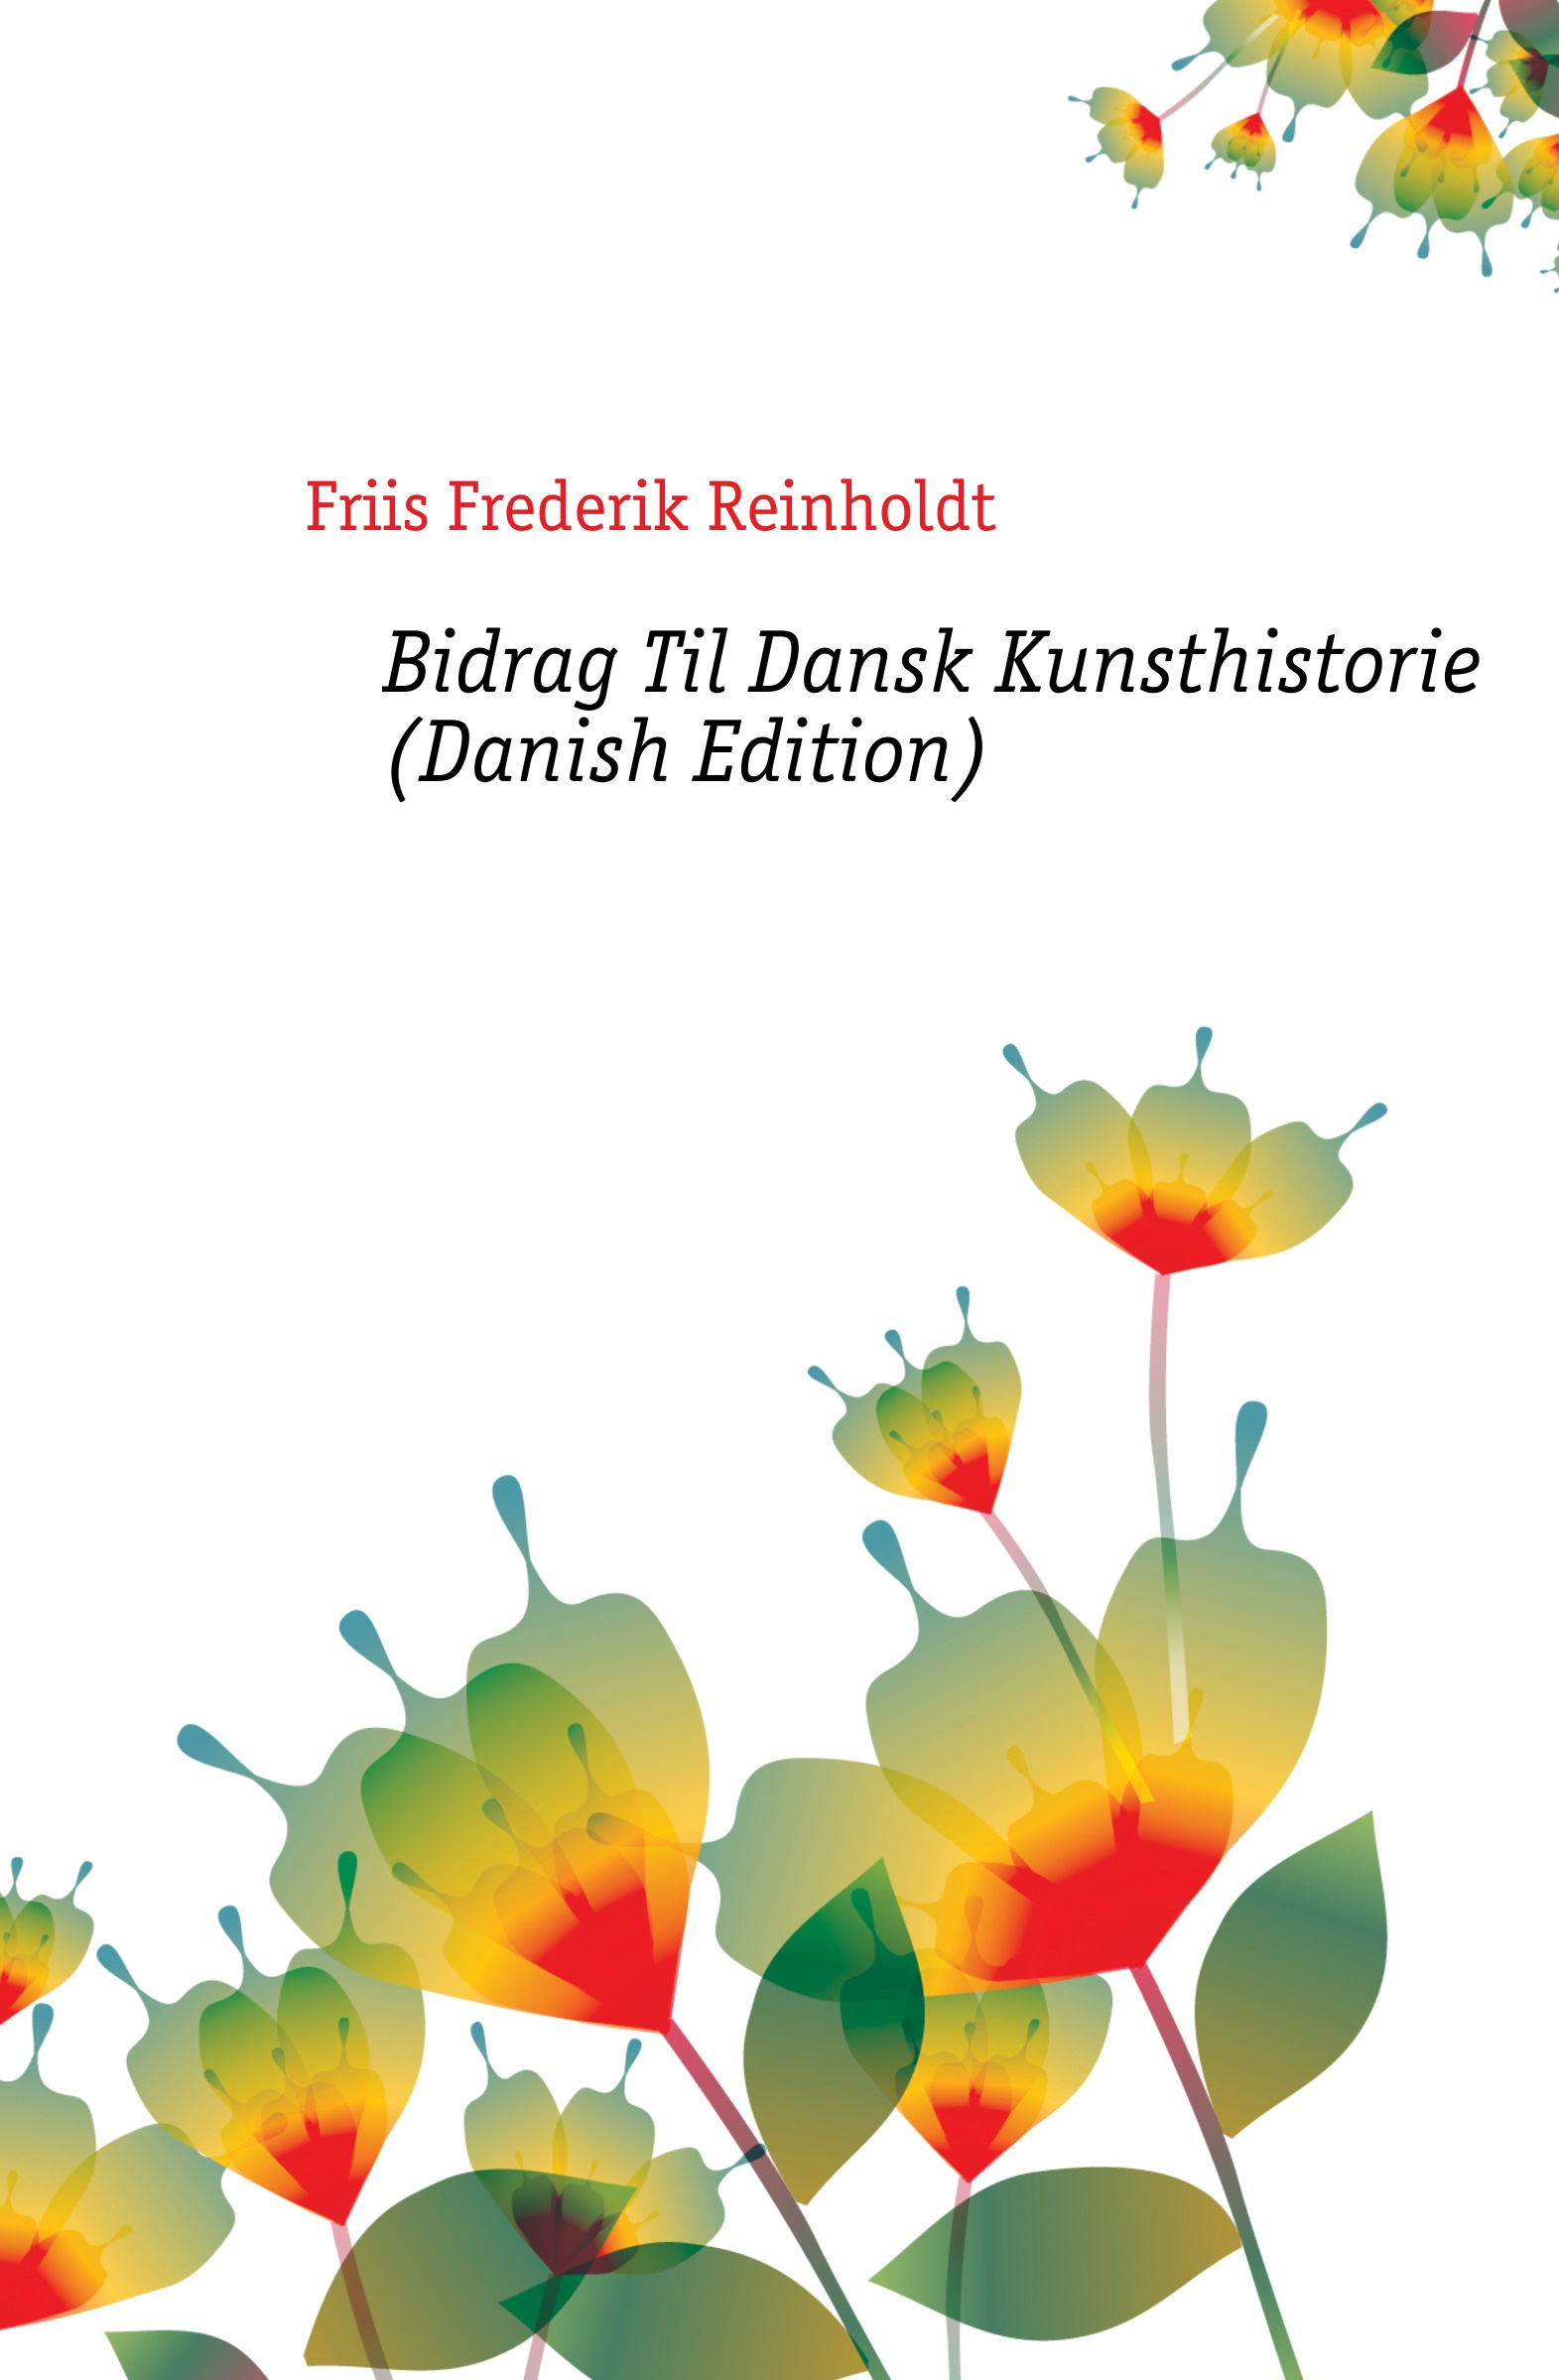 Friis Frederik Reinholdt Bidrag Til Dansk Kunsthistorie (Danish Edition) ewald herman frederik dronningens jonfruer danish edition